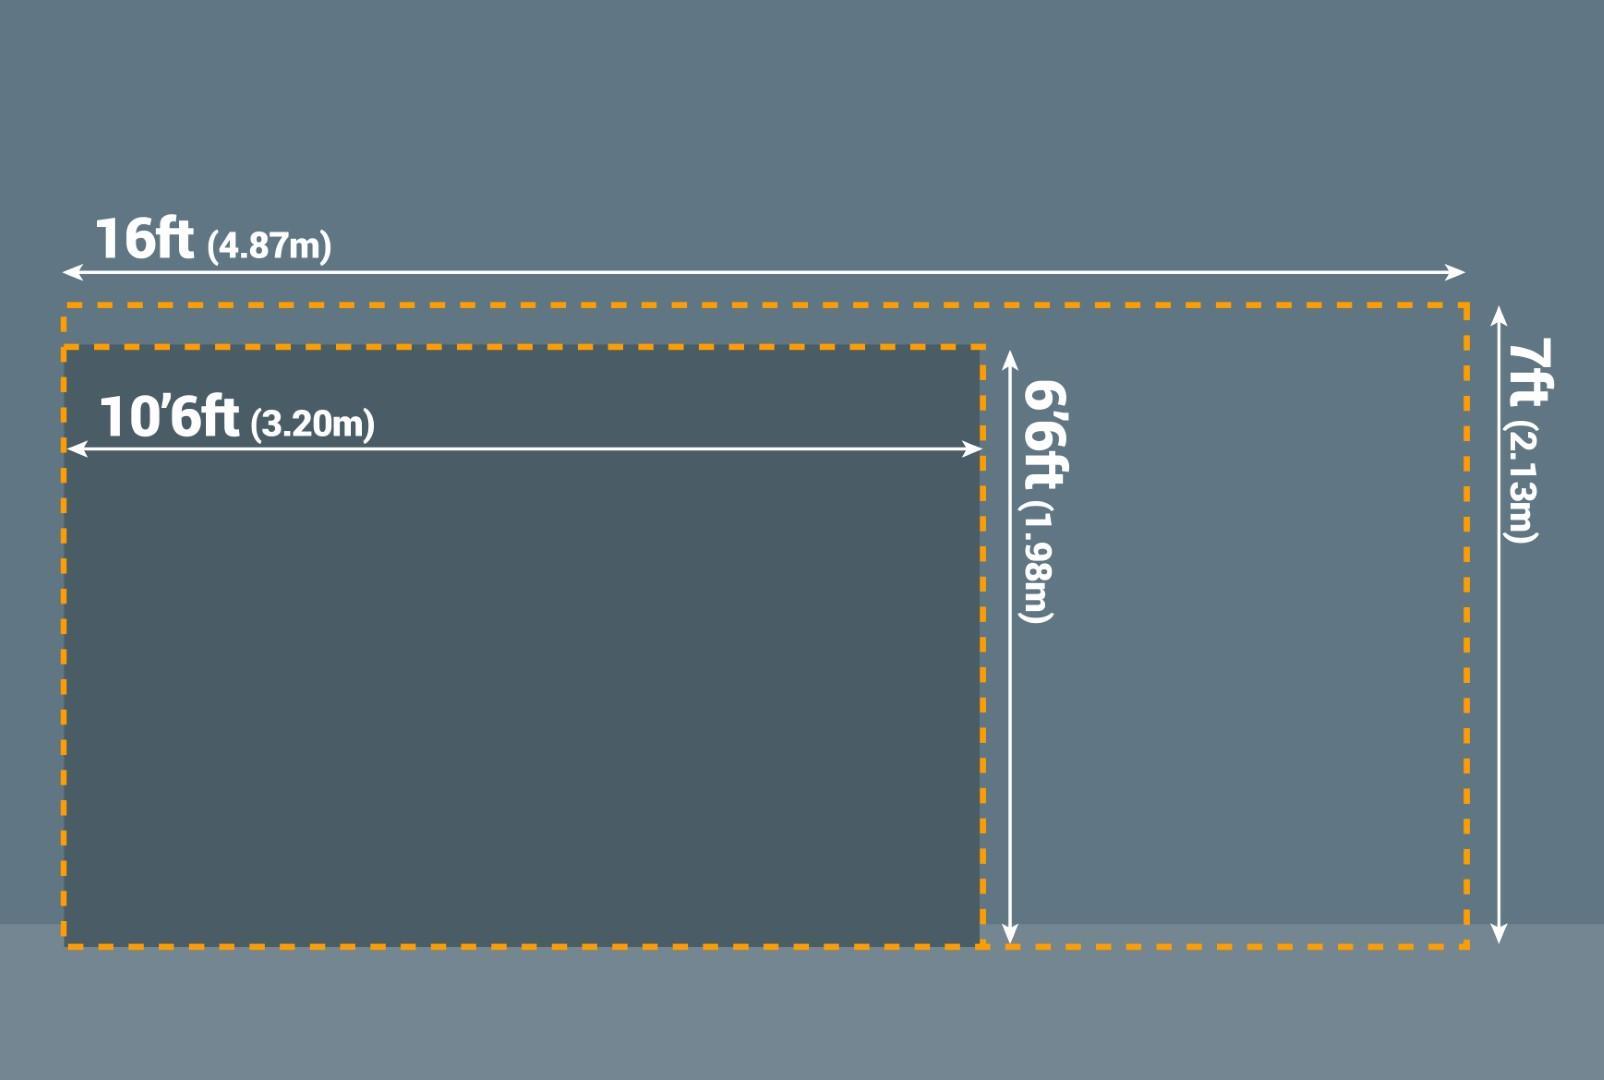 Standard double garage door sizes UK